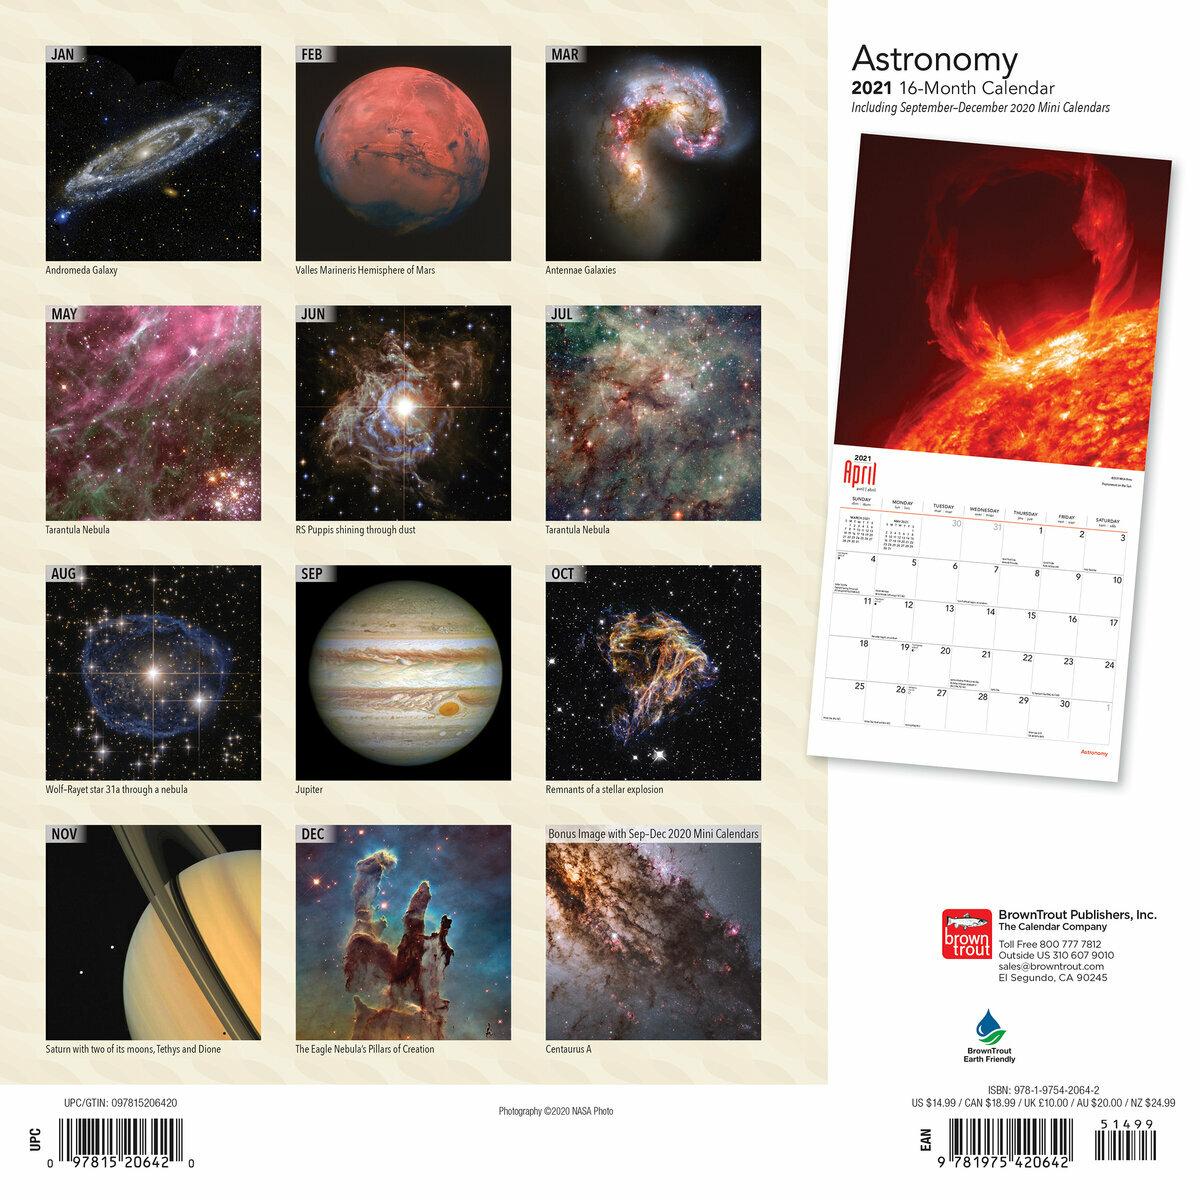 Calendrier Astronomique 2021 calendrier 2021 Astronomie